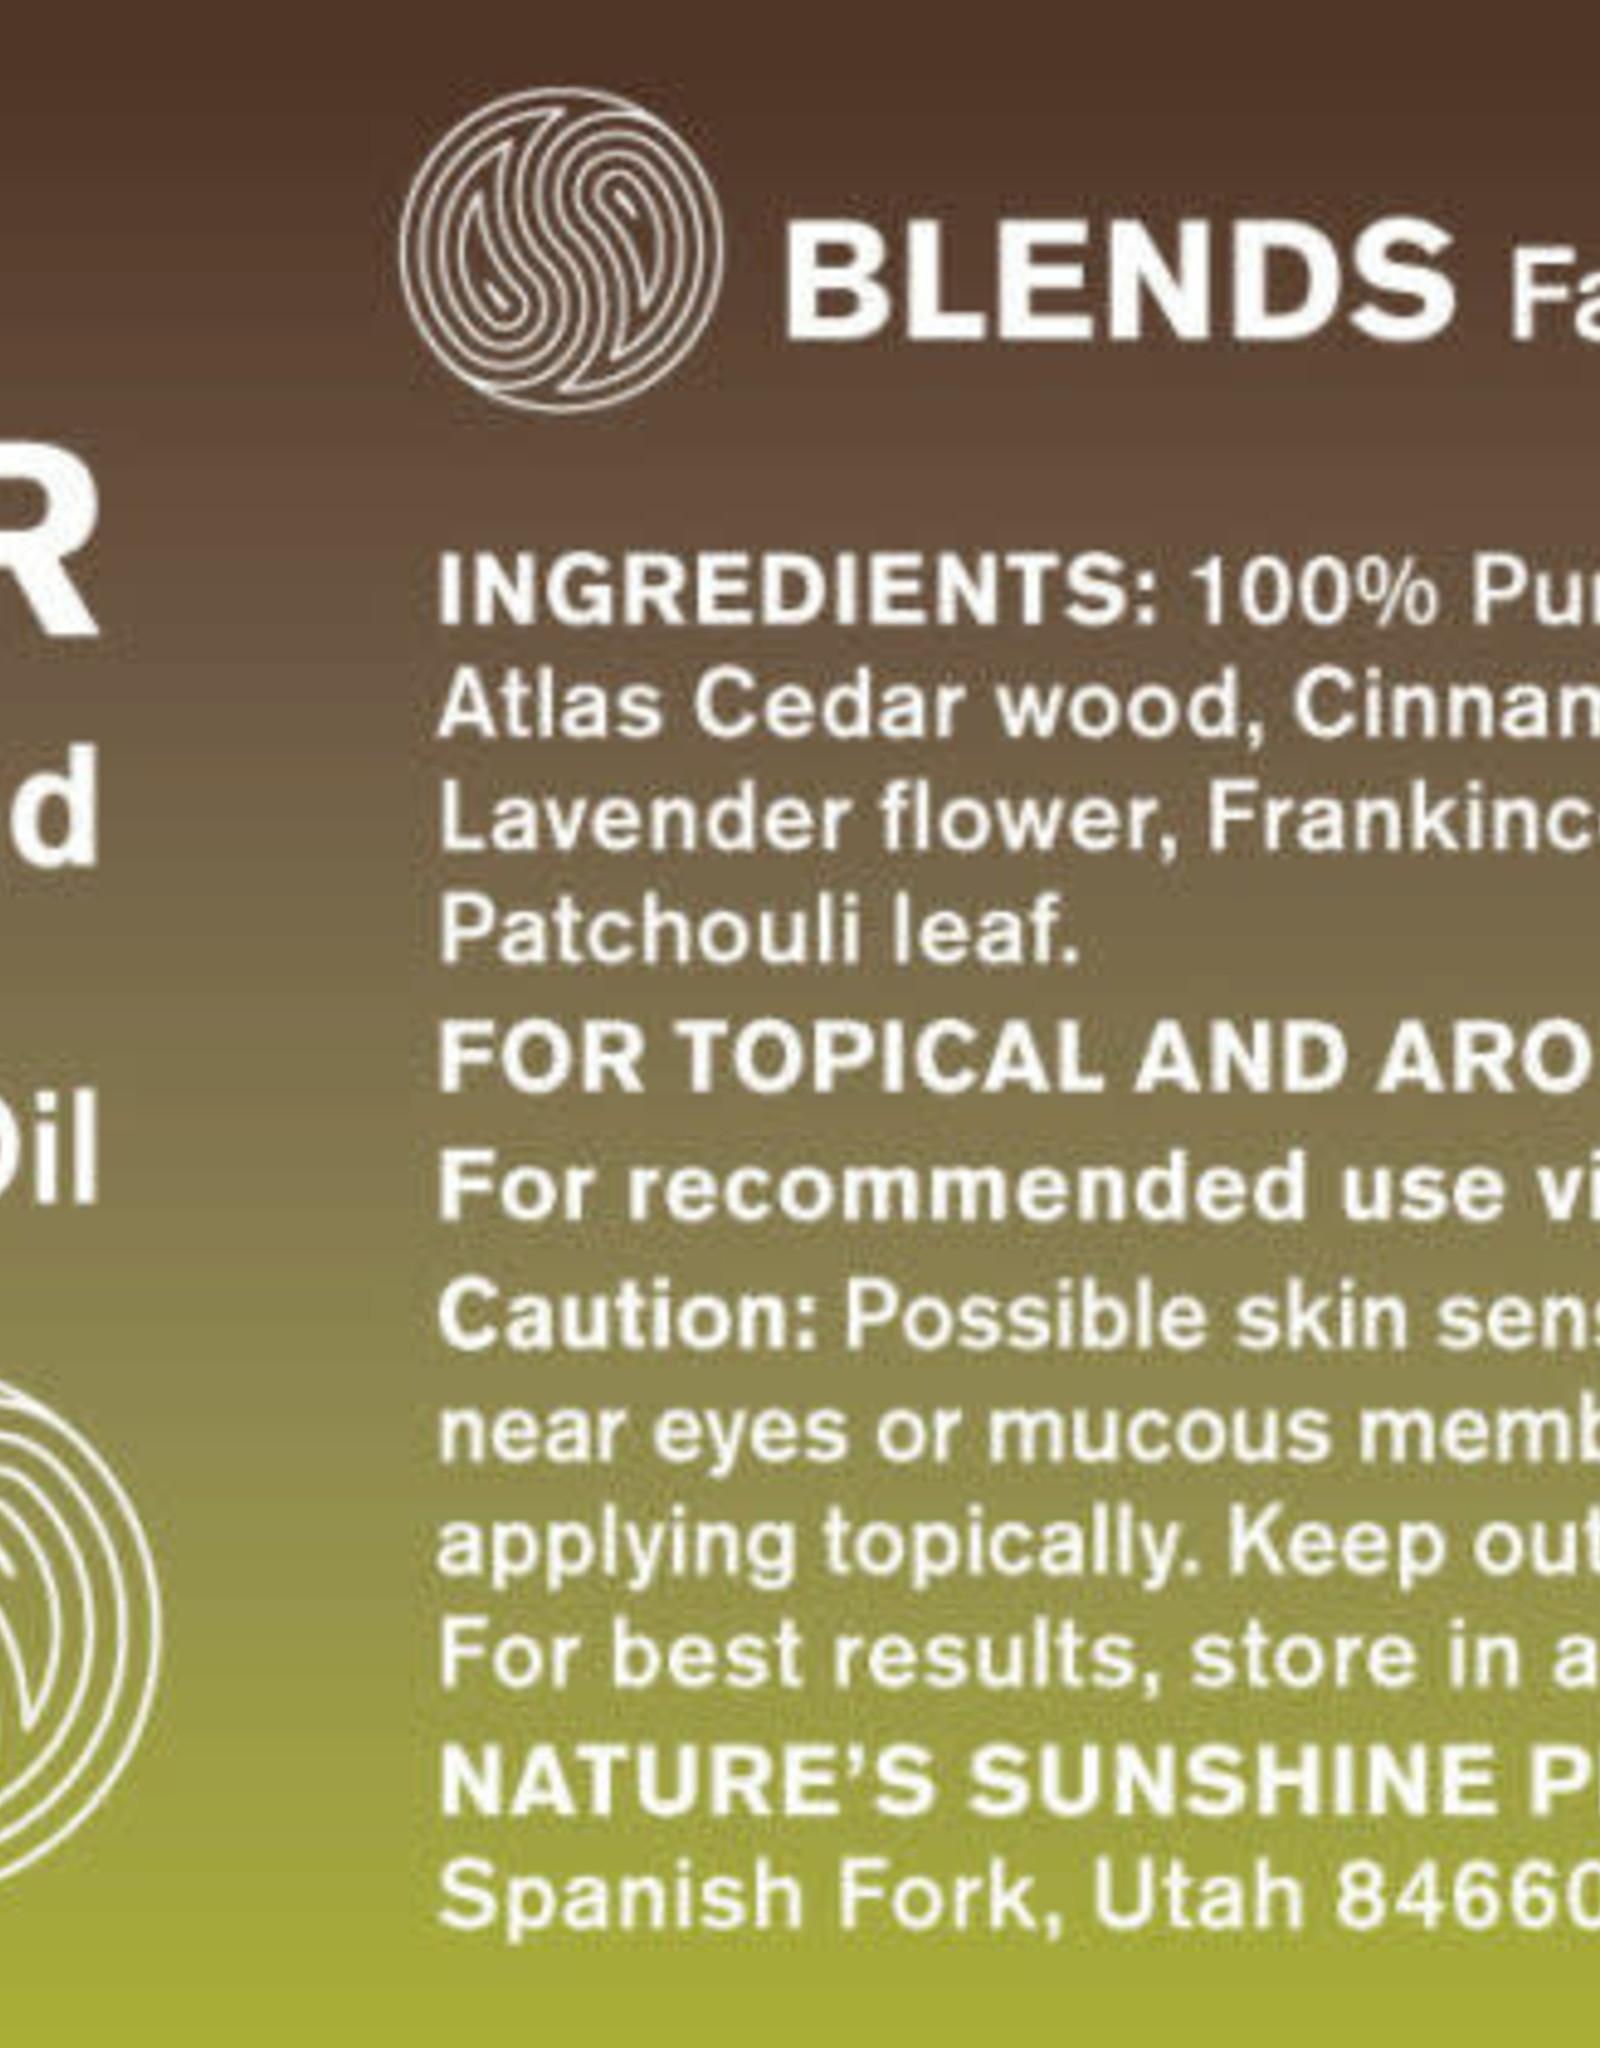 Nature's Sunshine Prosper Oil Blend